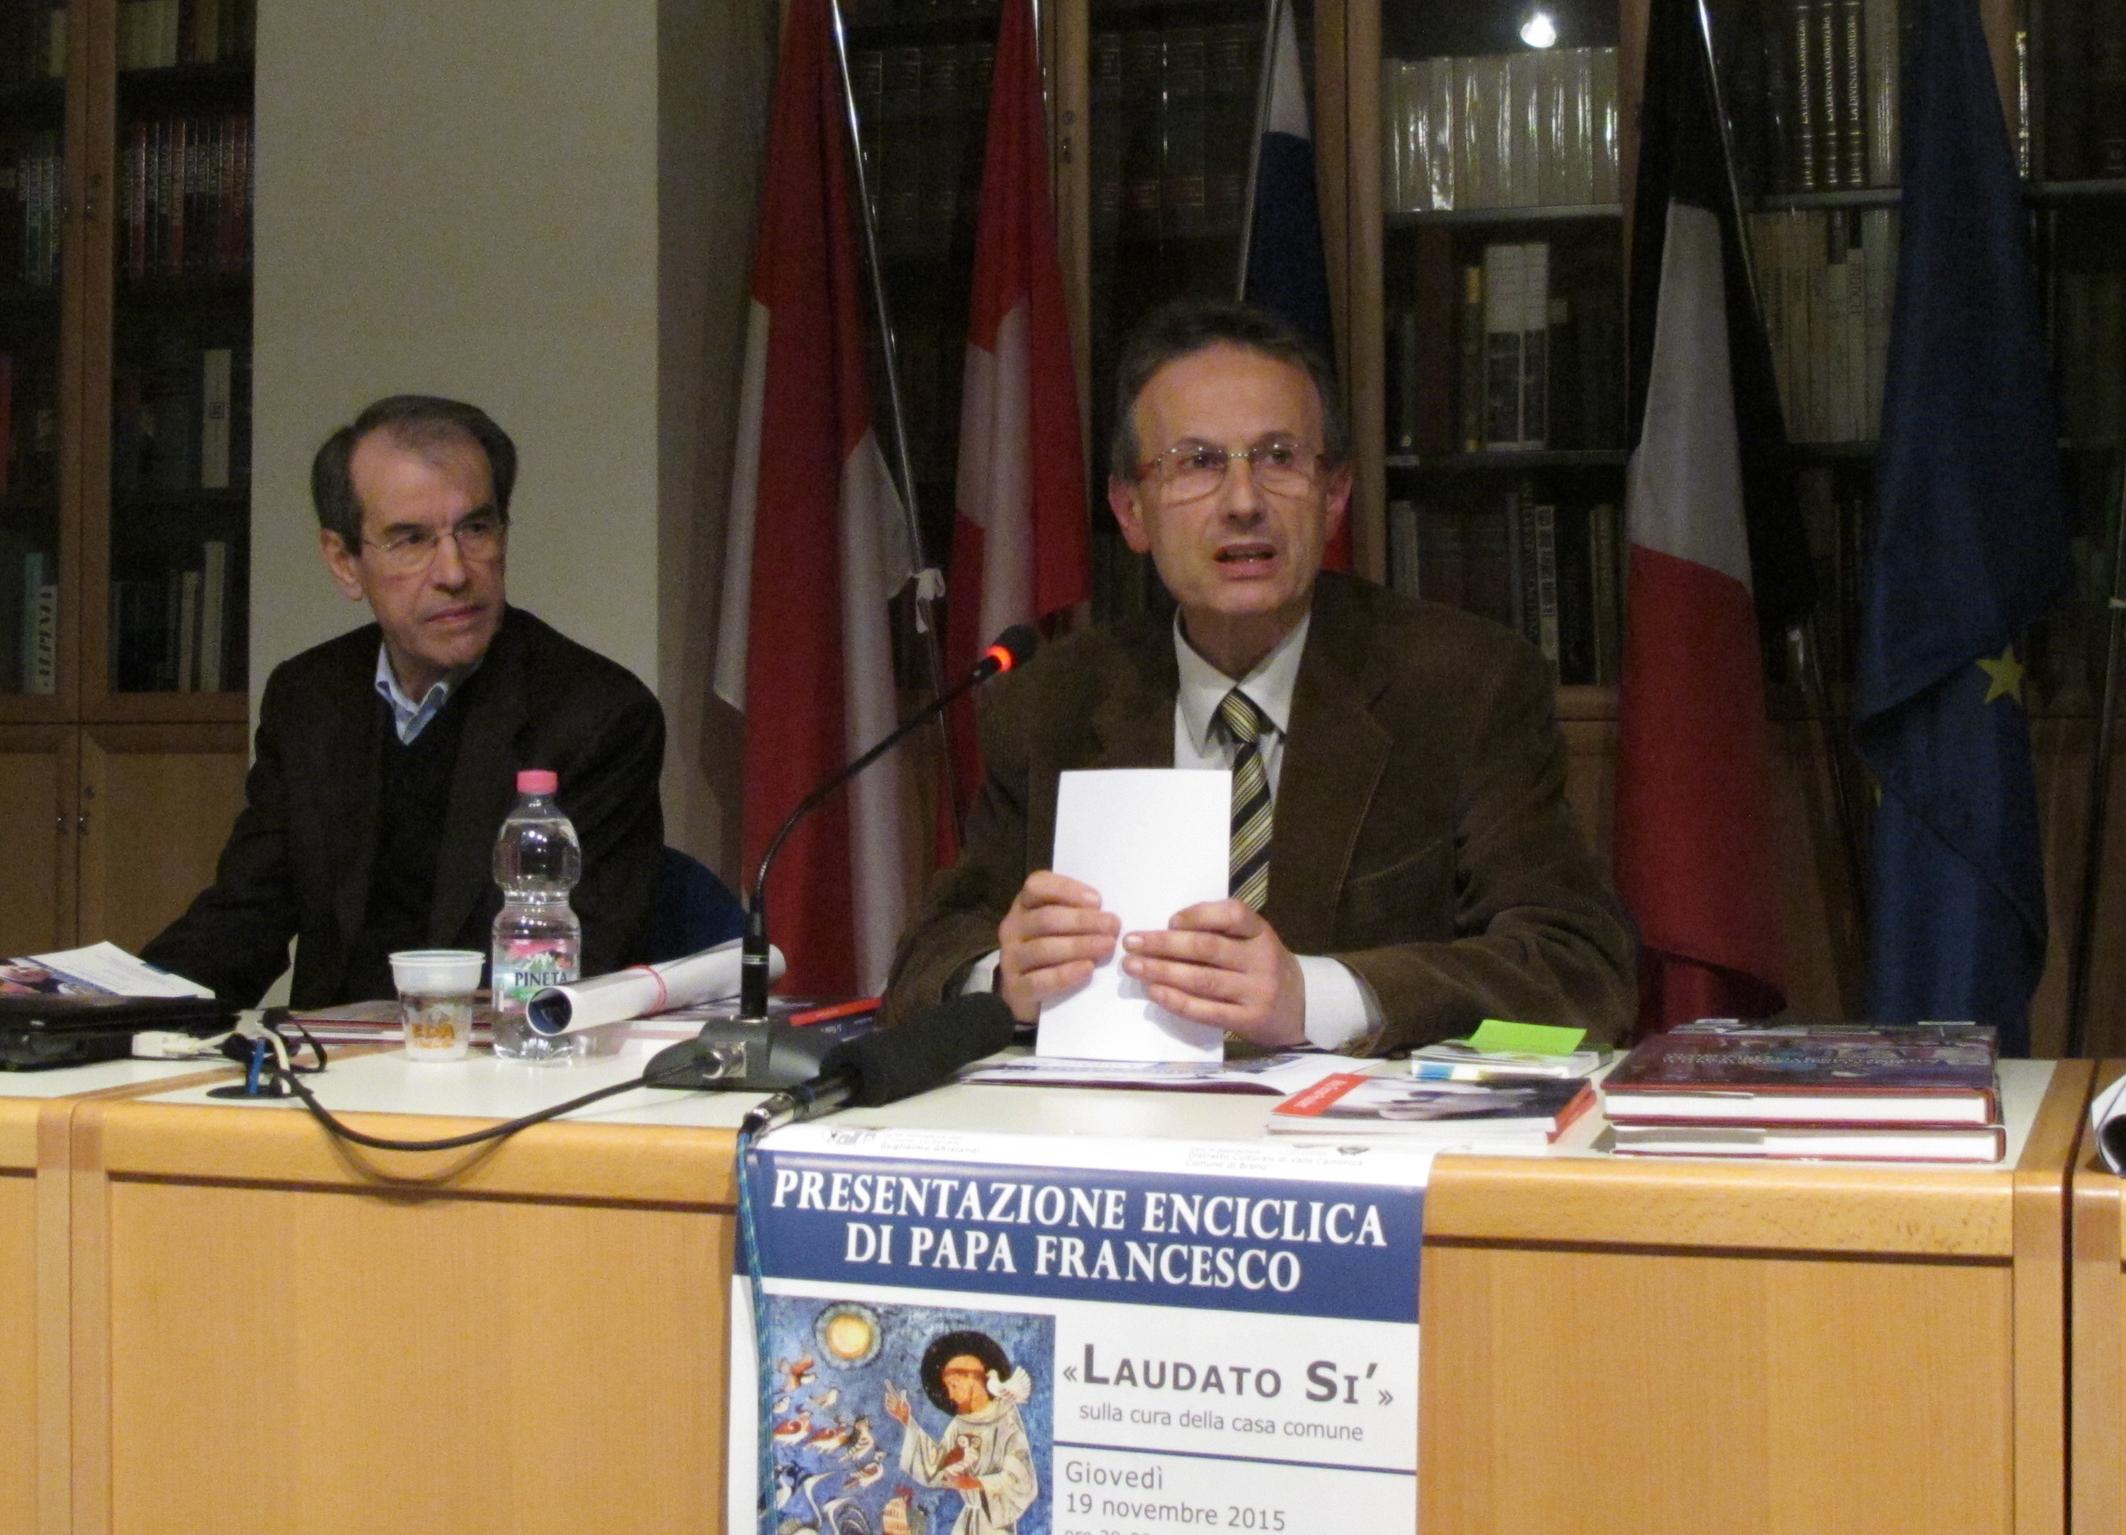 09_conferenza Laudato Sì _Breno 19 novembre 2015